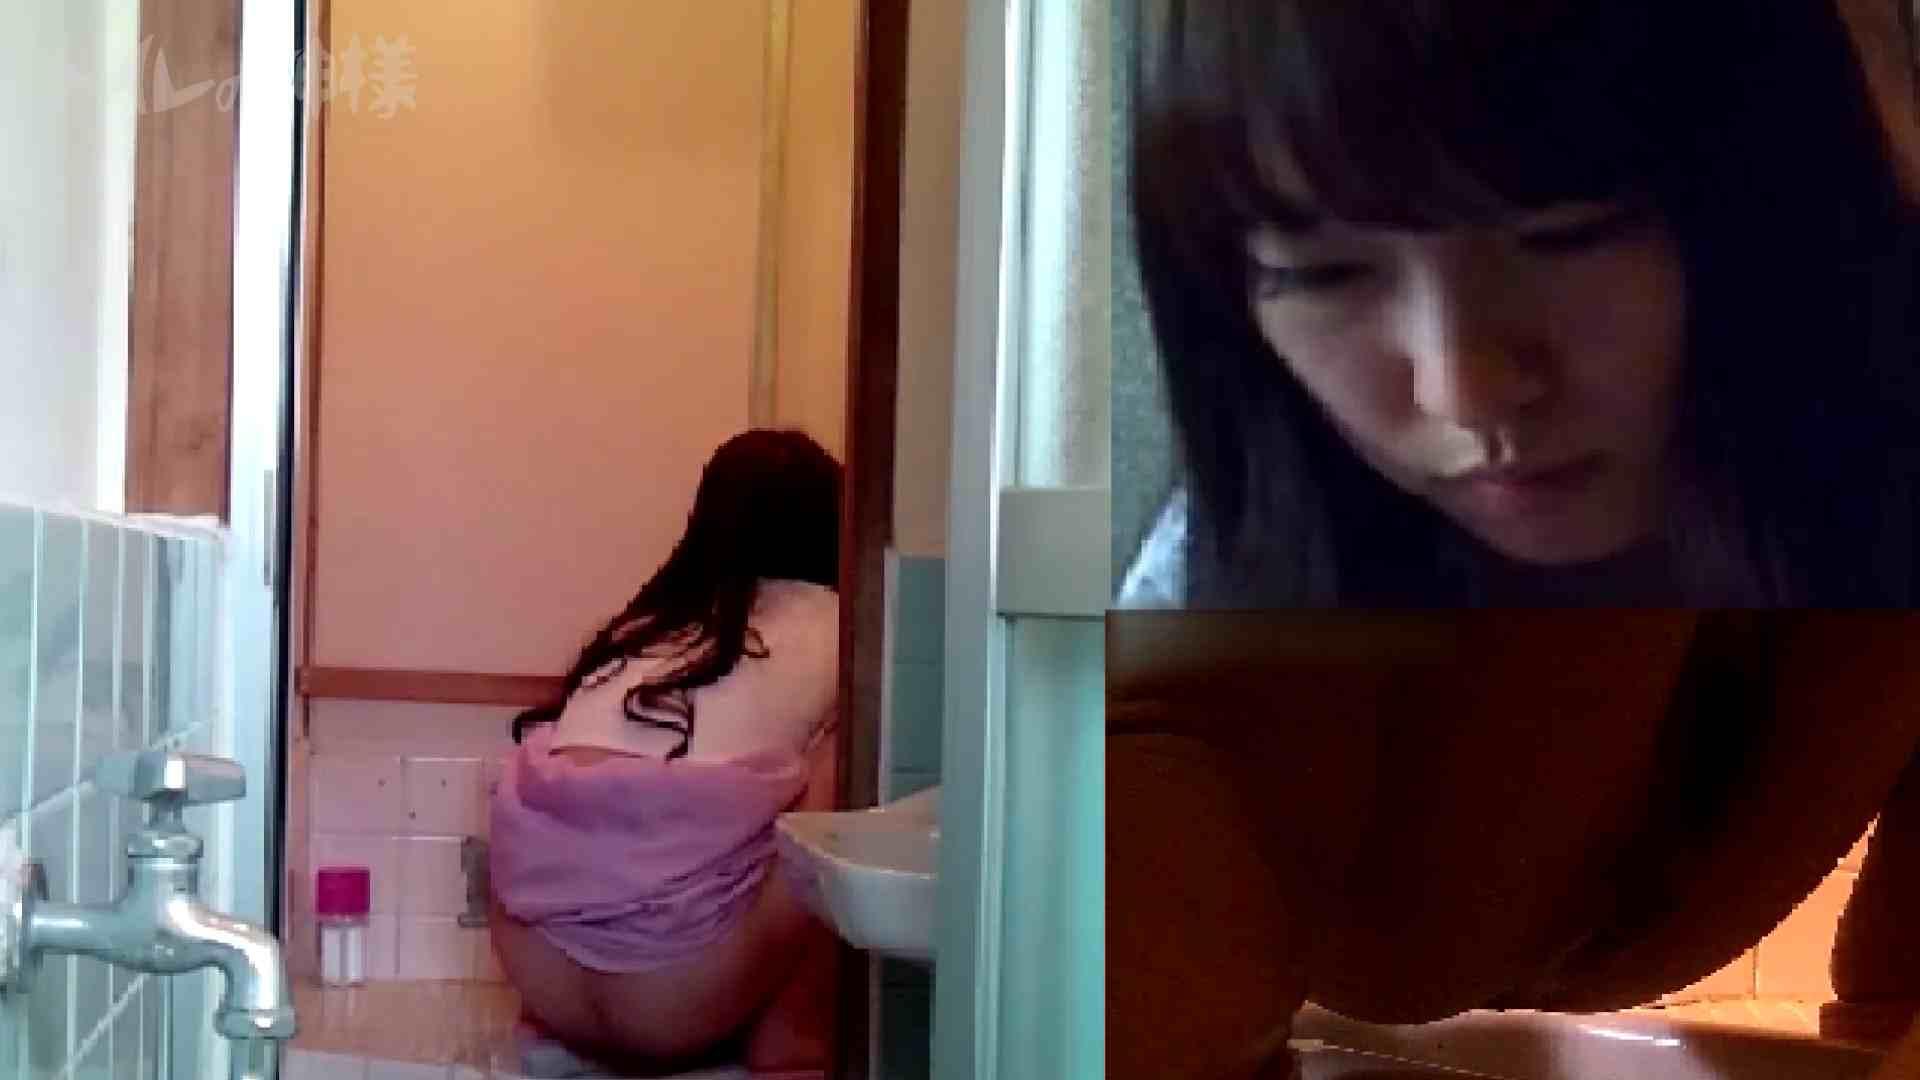 トイレの神様 Vol.09 美女のGEBOきれいに撮っています 美女達のヌード | トイレ中  75連発 42